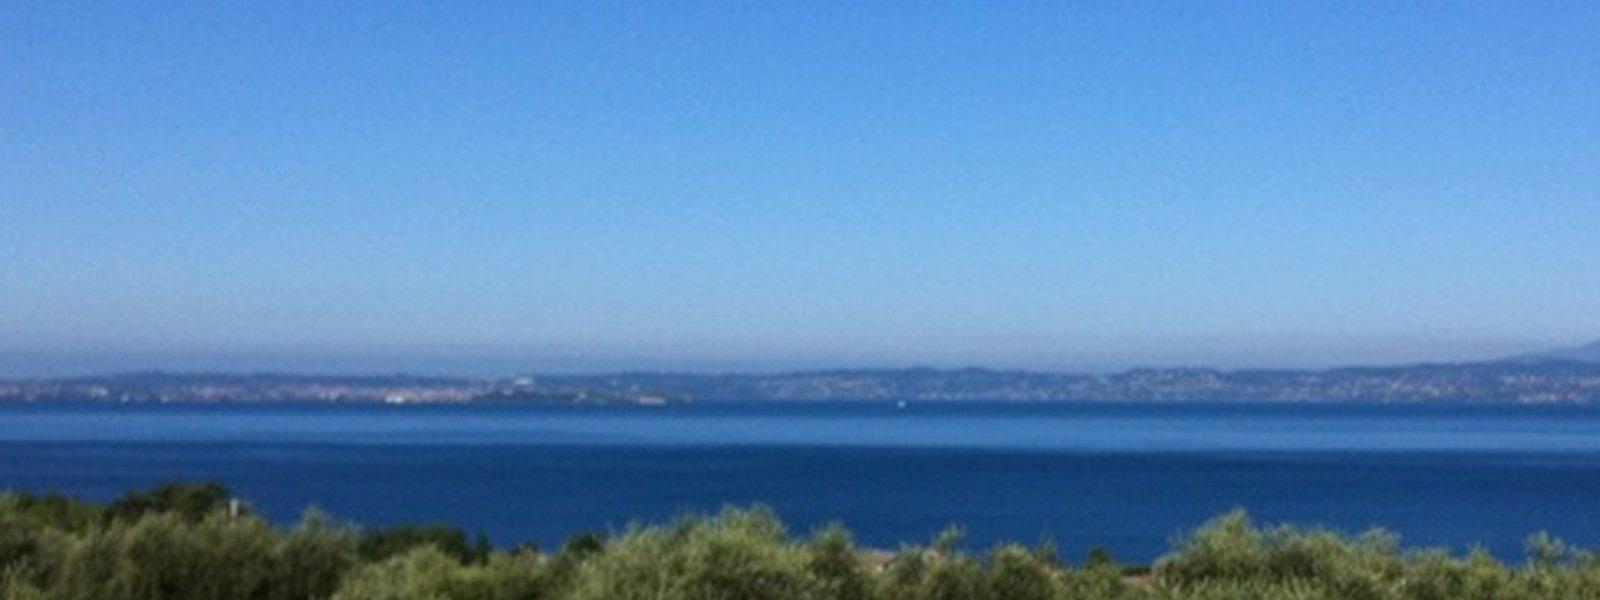 Villa Bardolino Lake Garda 55,000 sqm park & vineyards